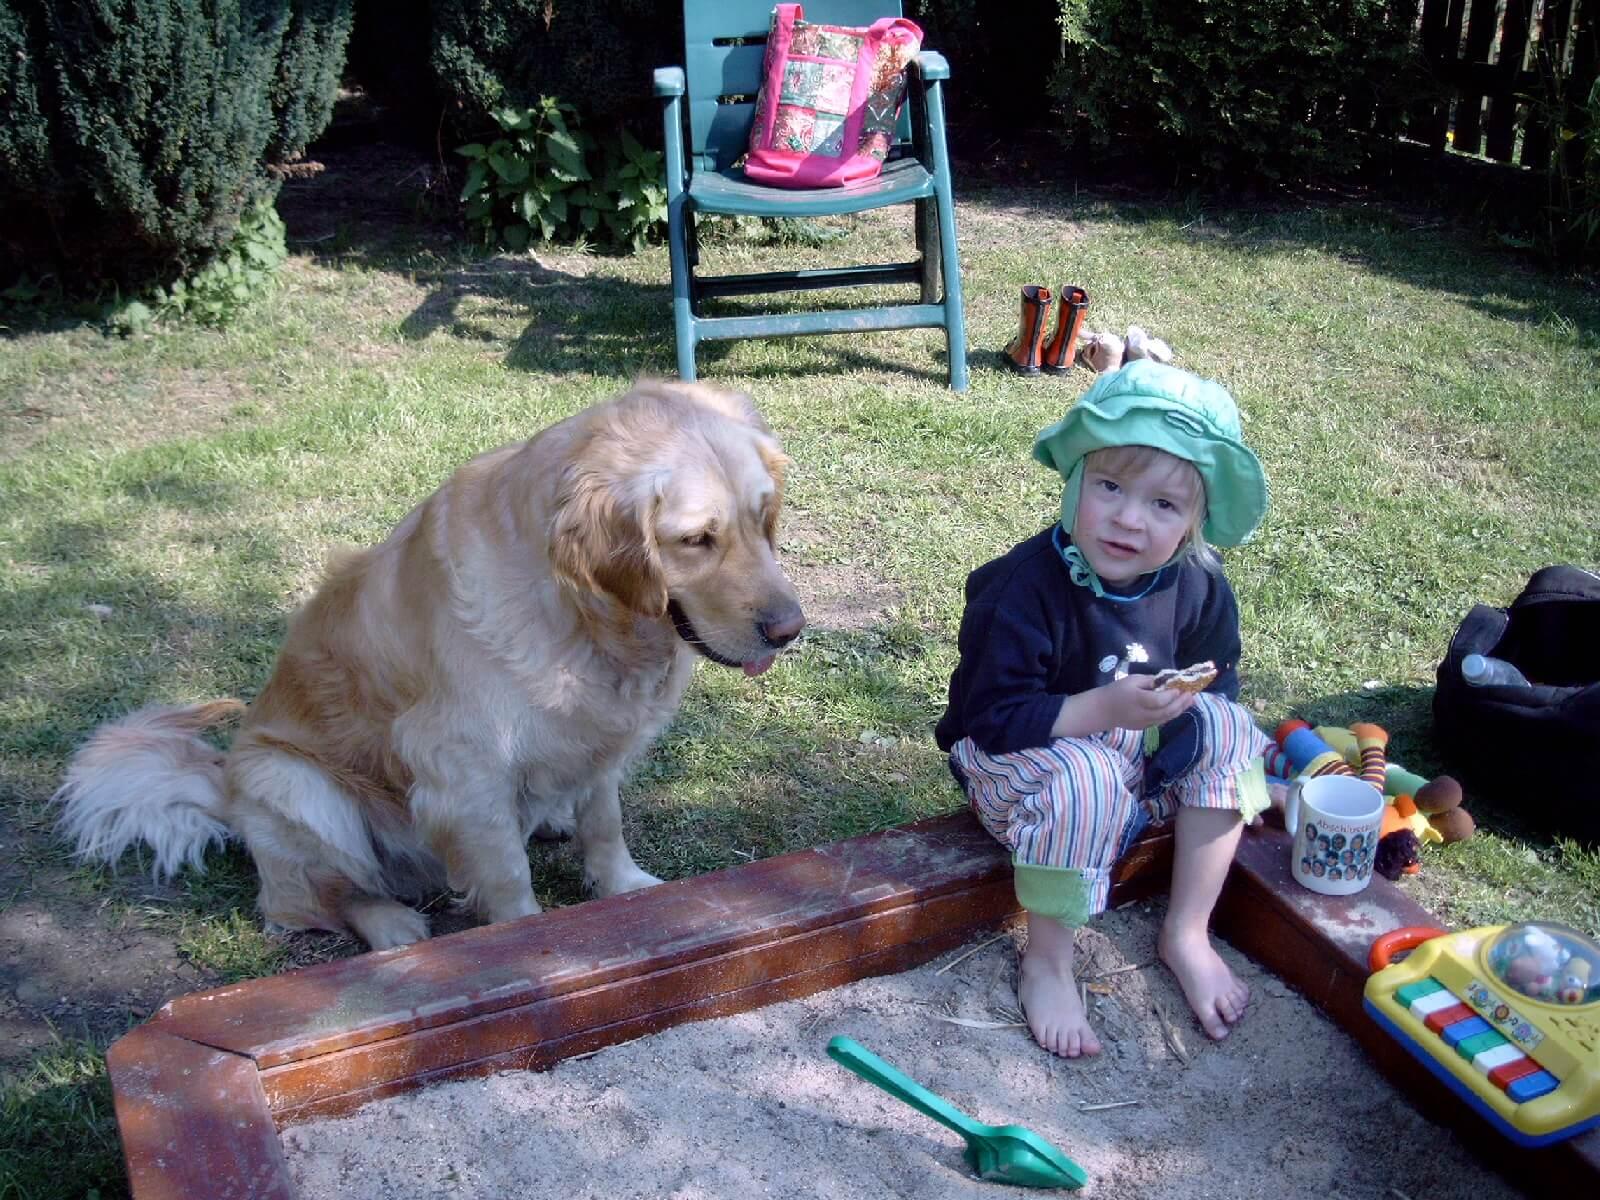 Kind am Sandkasten mit Hund (c) H. Braun / pixelio.de